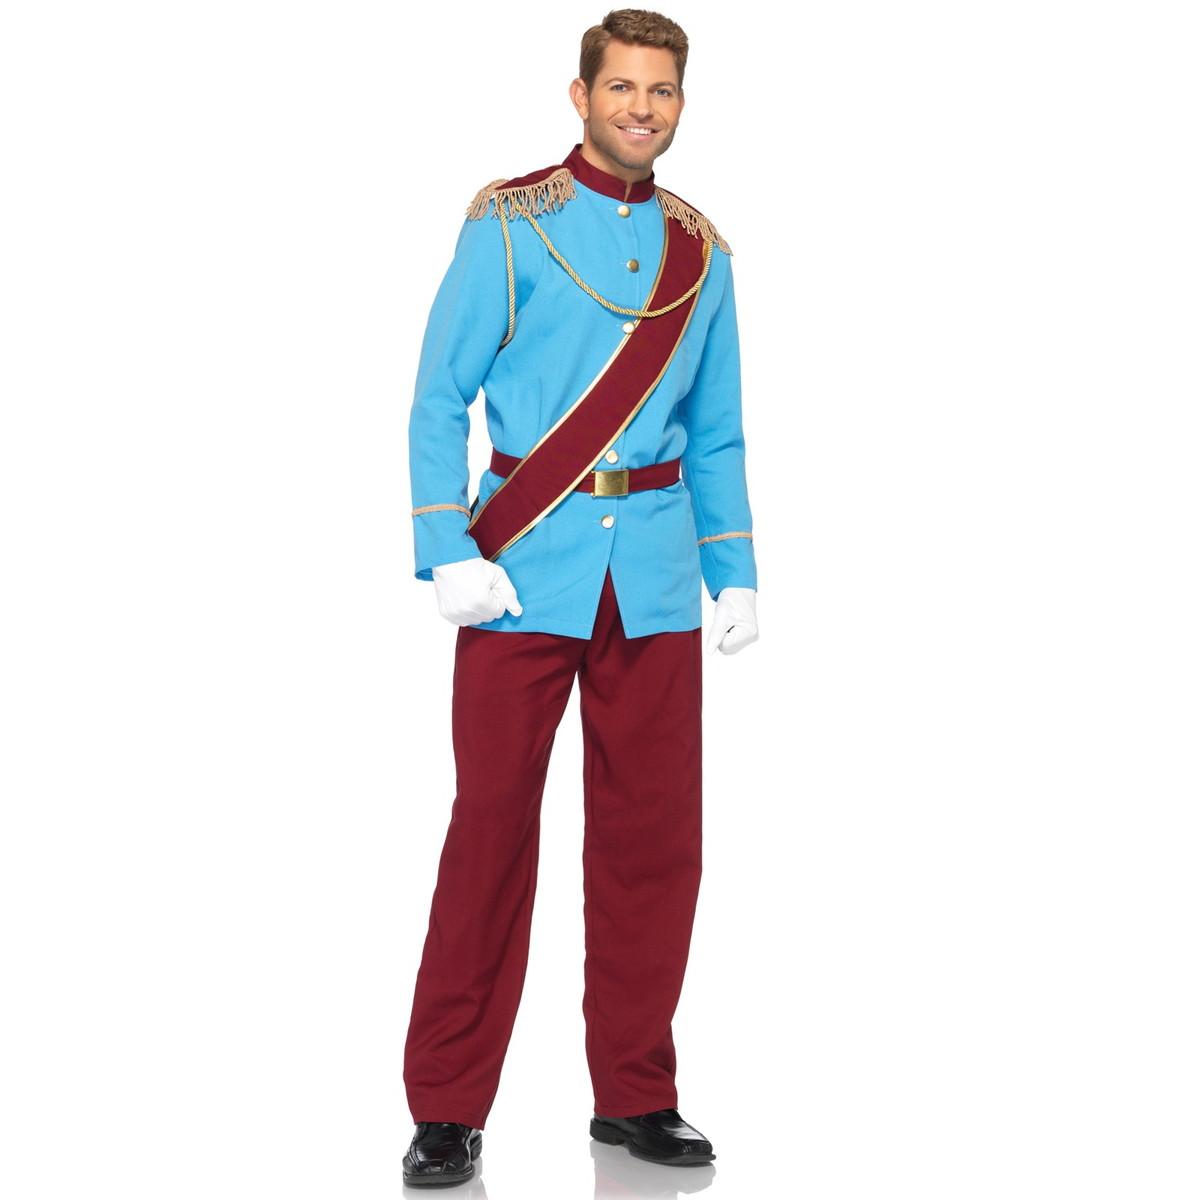 ハロウィン シンデレラ コスプレ ディズニー シンデレラ プリンス チャーミング 王子様 男性用 衣装 仮装